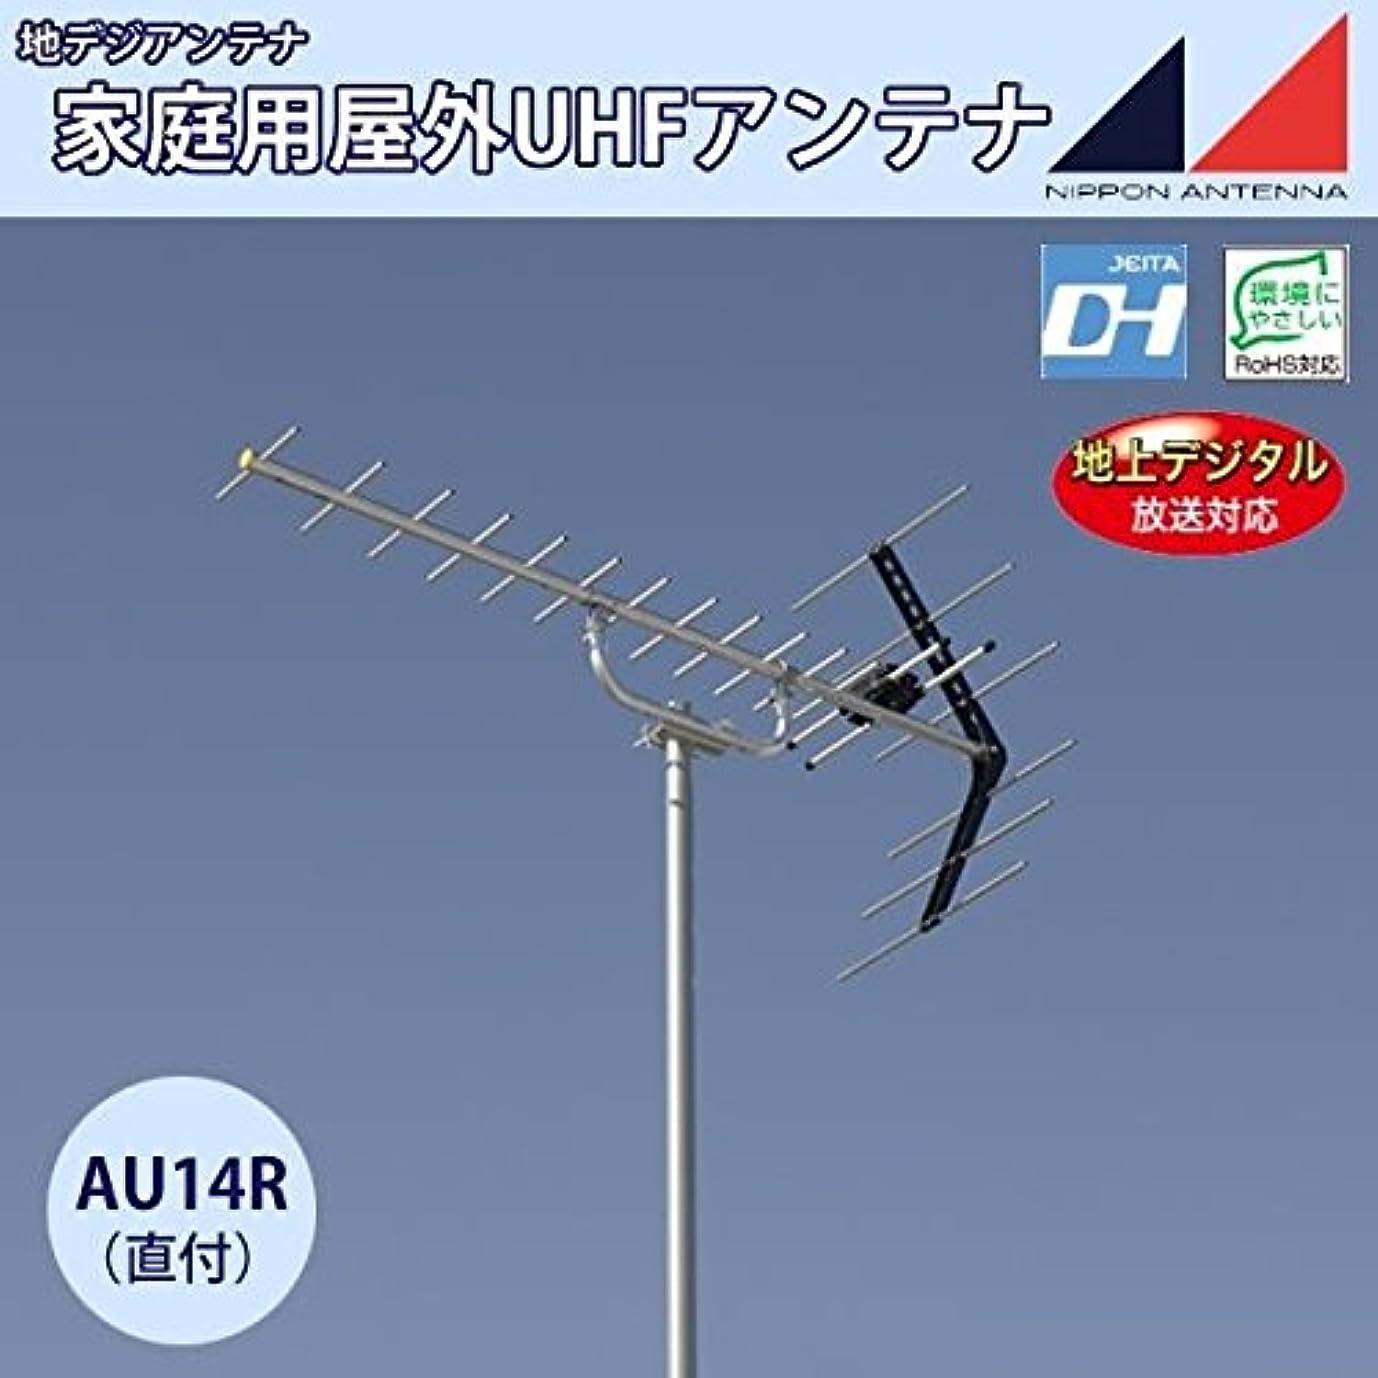 寝てるどうしたの火山学日本アンテナ 地デジアンテナ 家庭用屋外UHFアンテナ(13~52ch受信用) AU14R(直付)